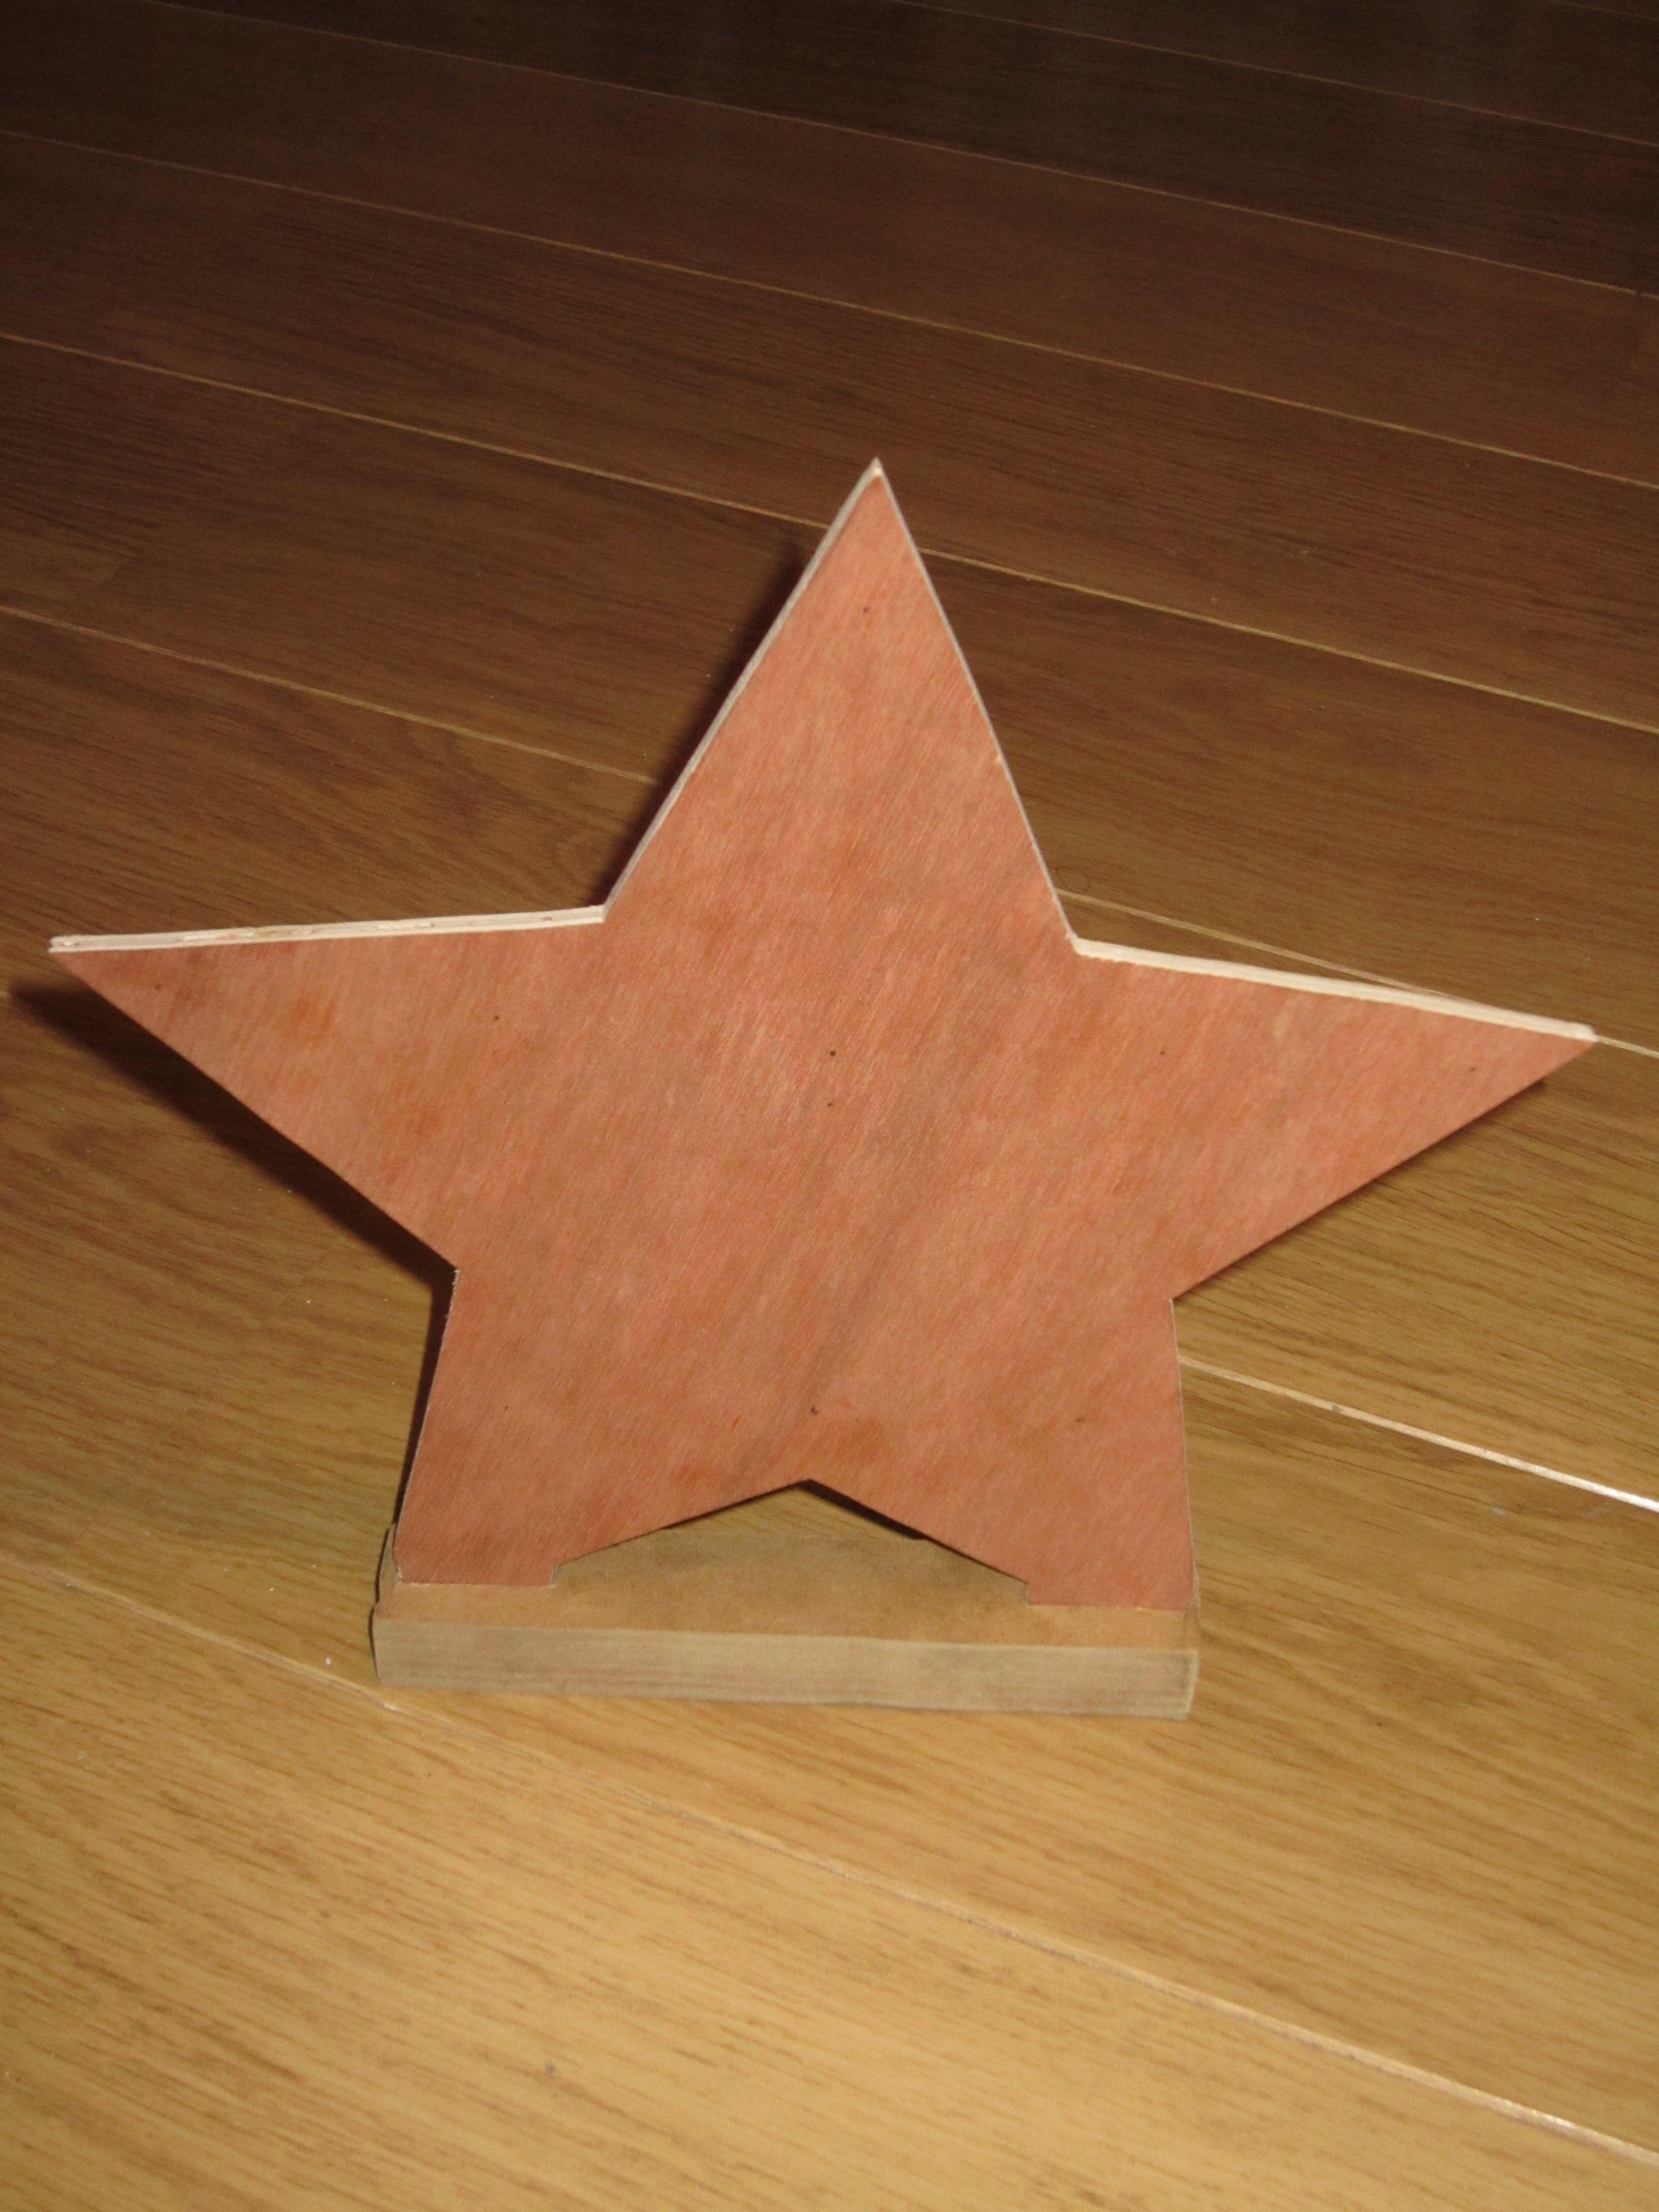 étoile découpée dans du bois pour faire un support porte-clés